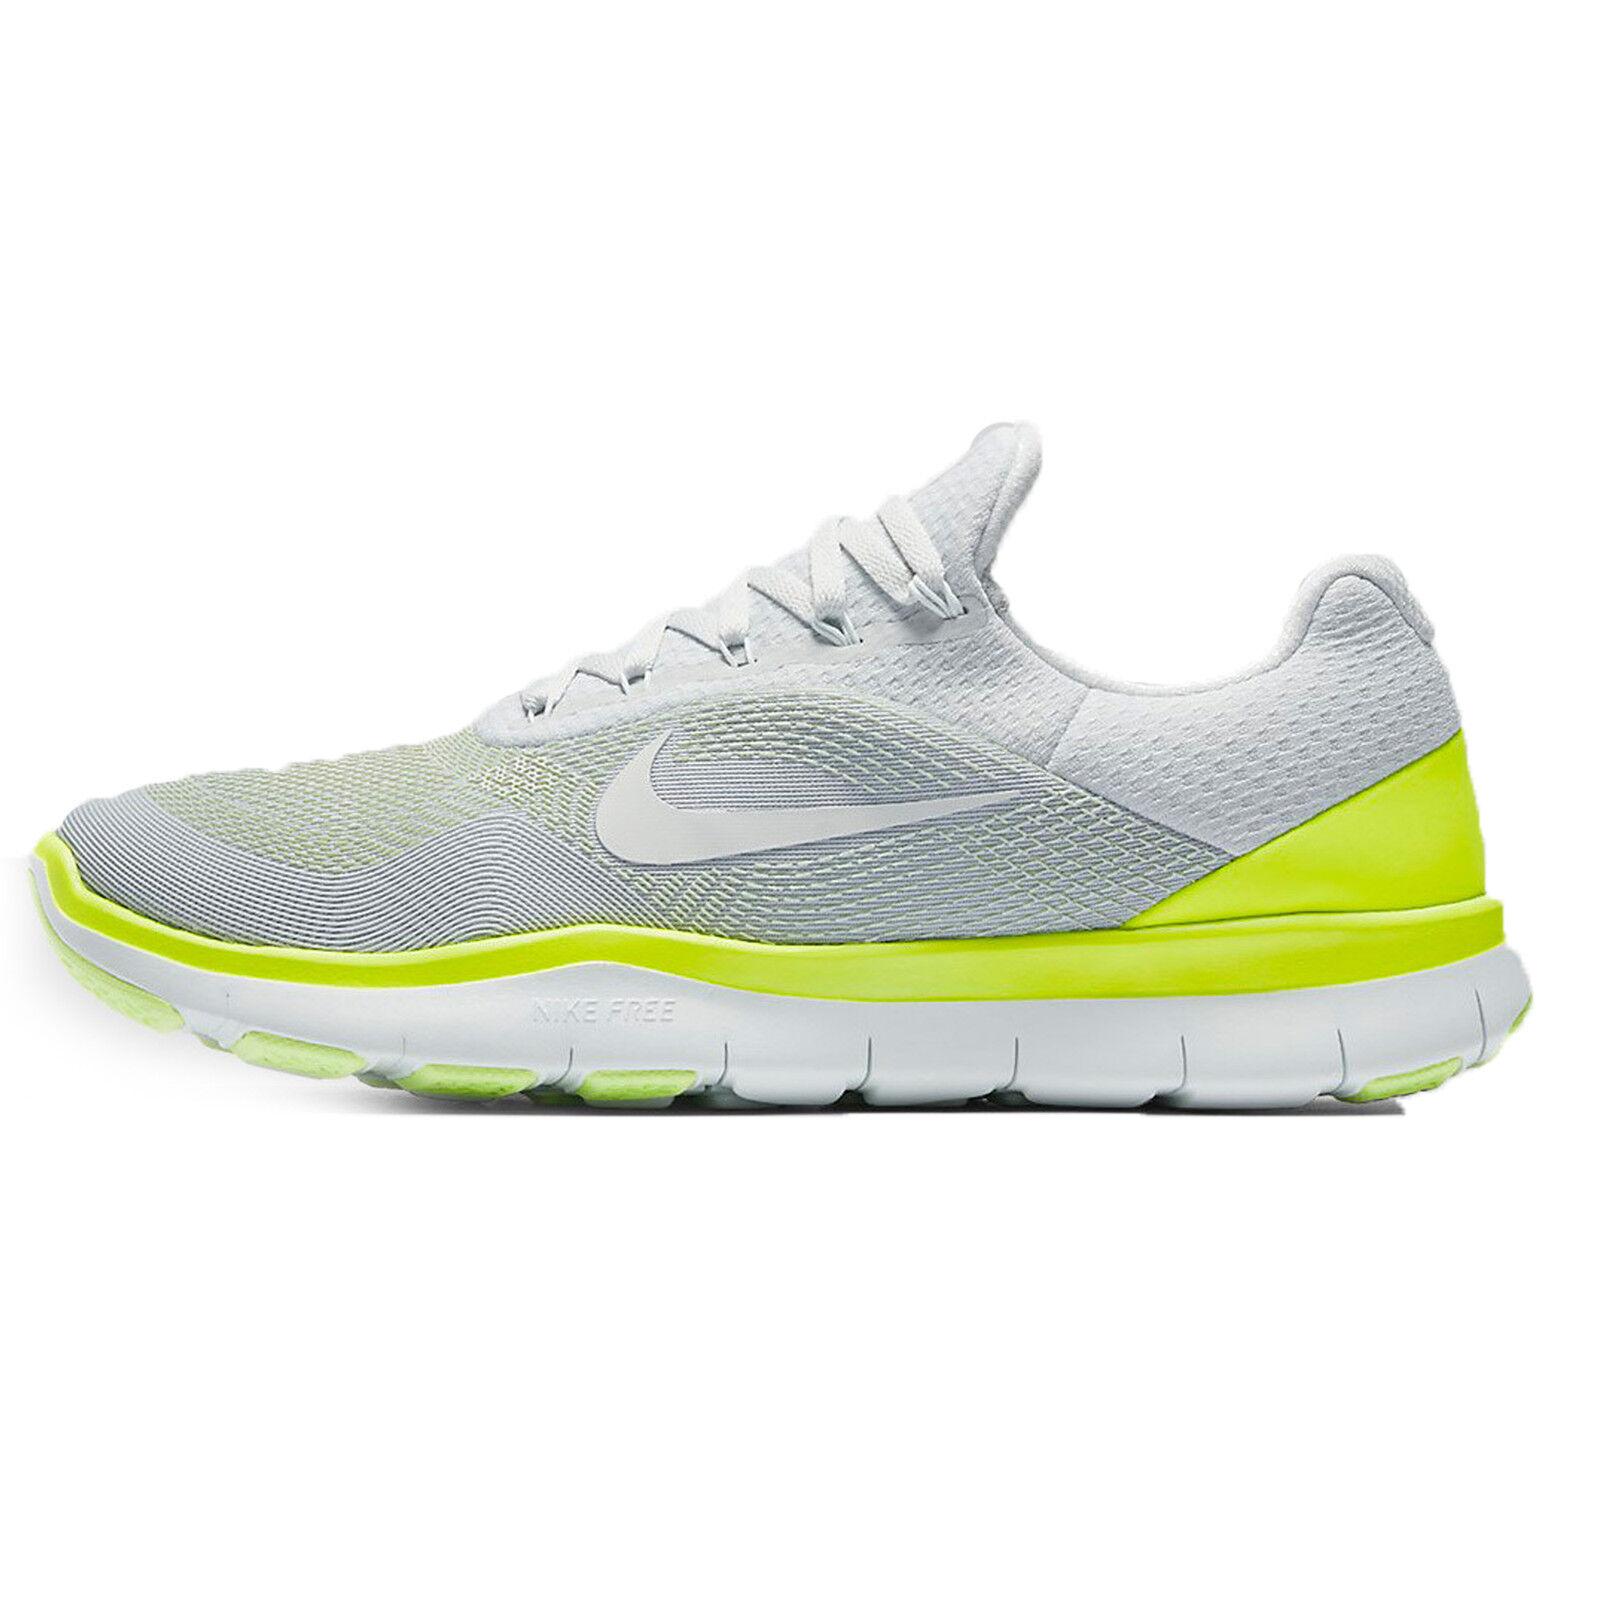 Nike, allenatore di 898053-002 sportschuh da formazione di scarpe da sportschuh ginnastica v7 libero 71db4a